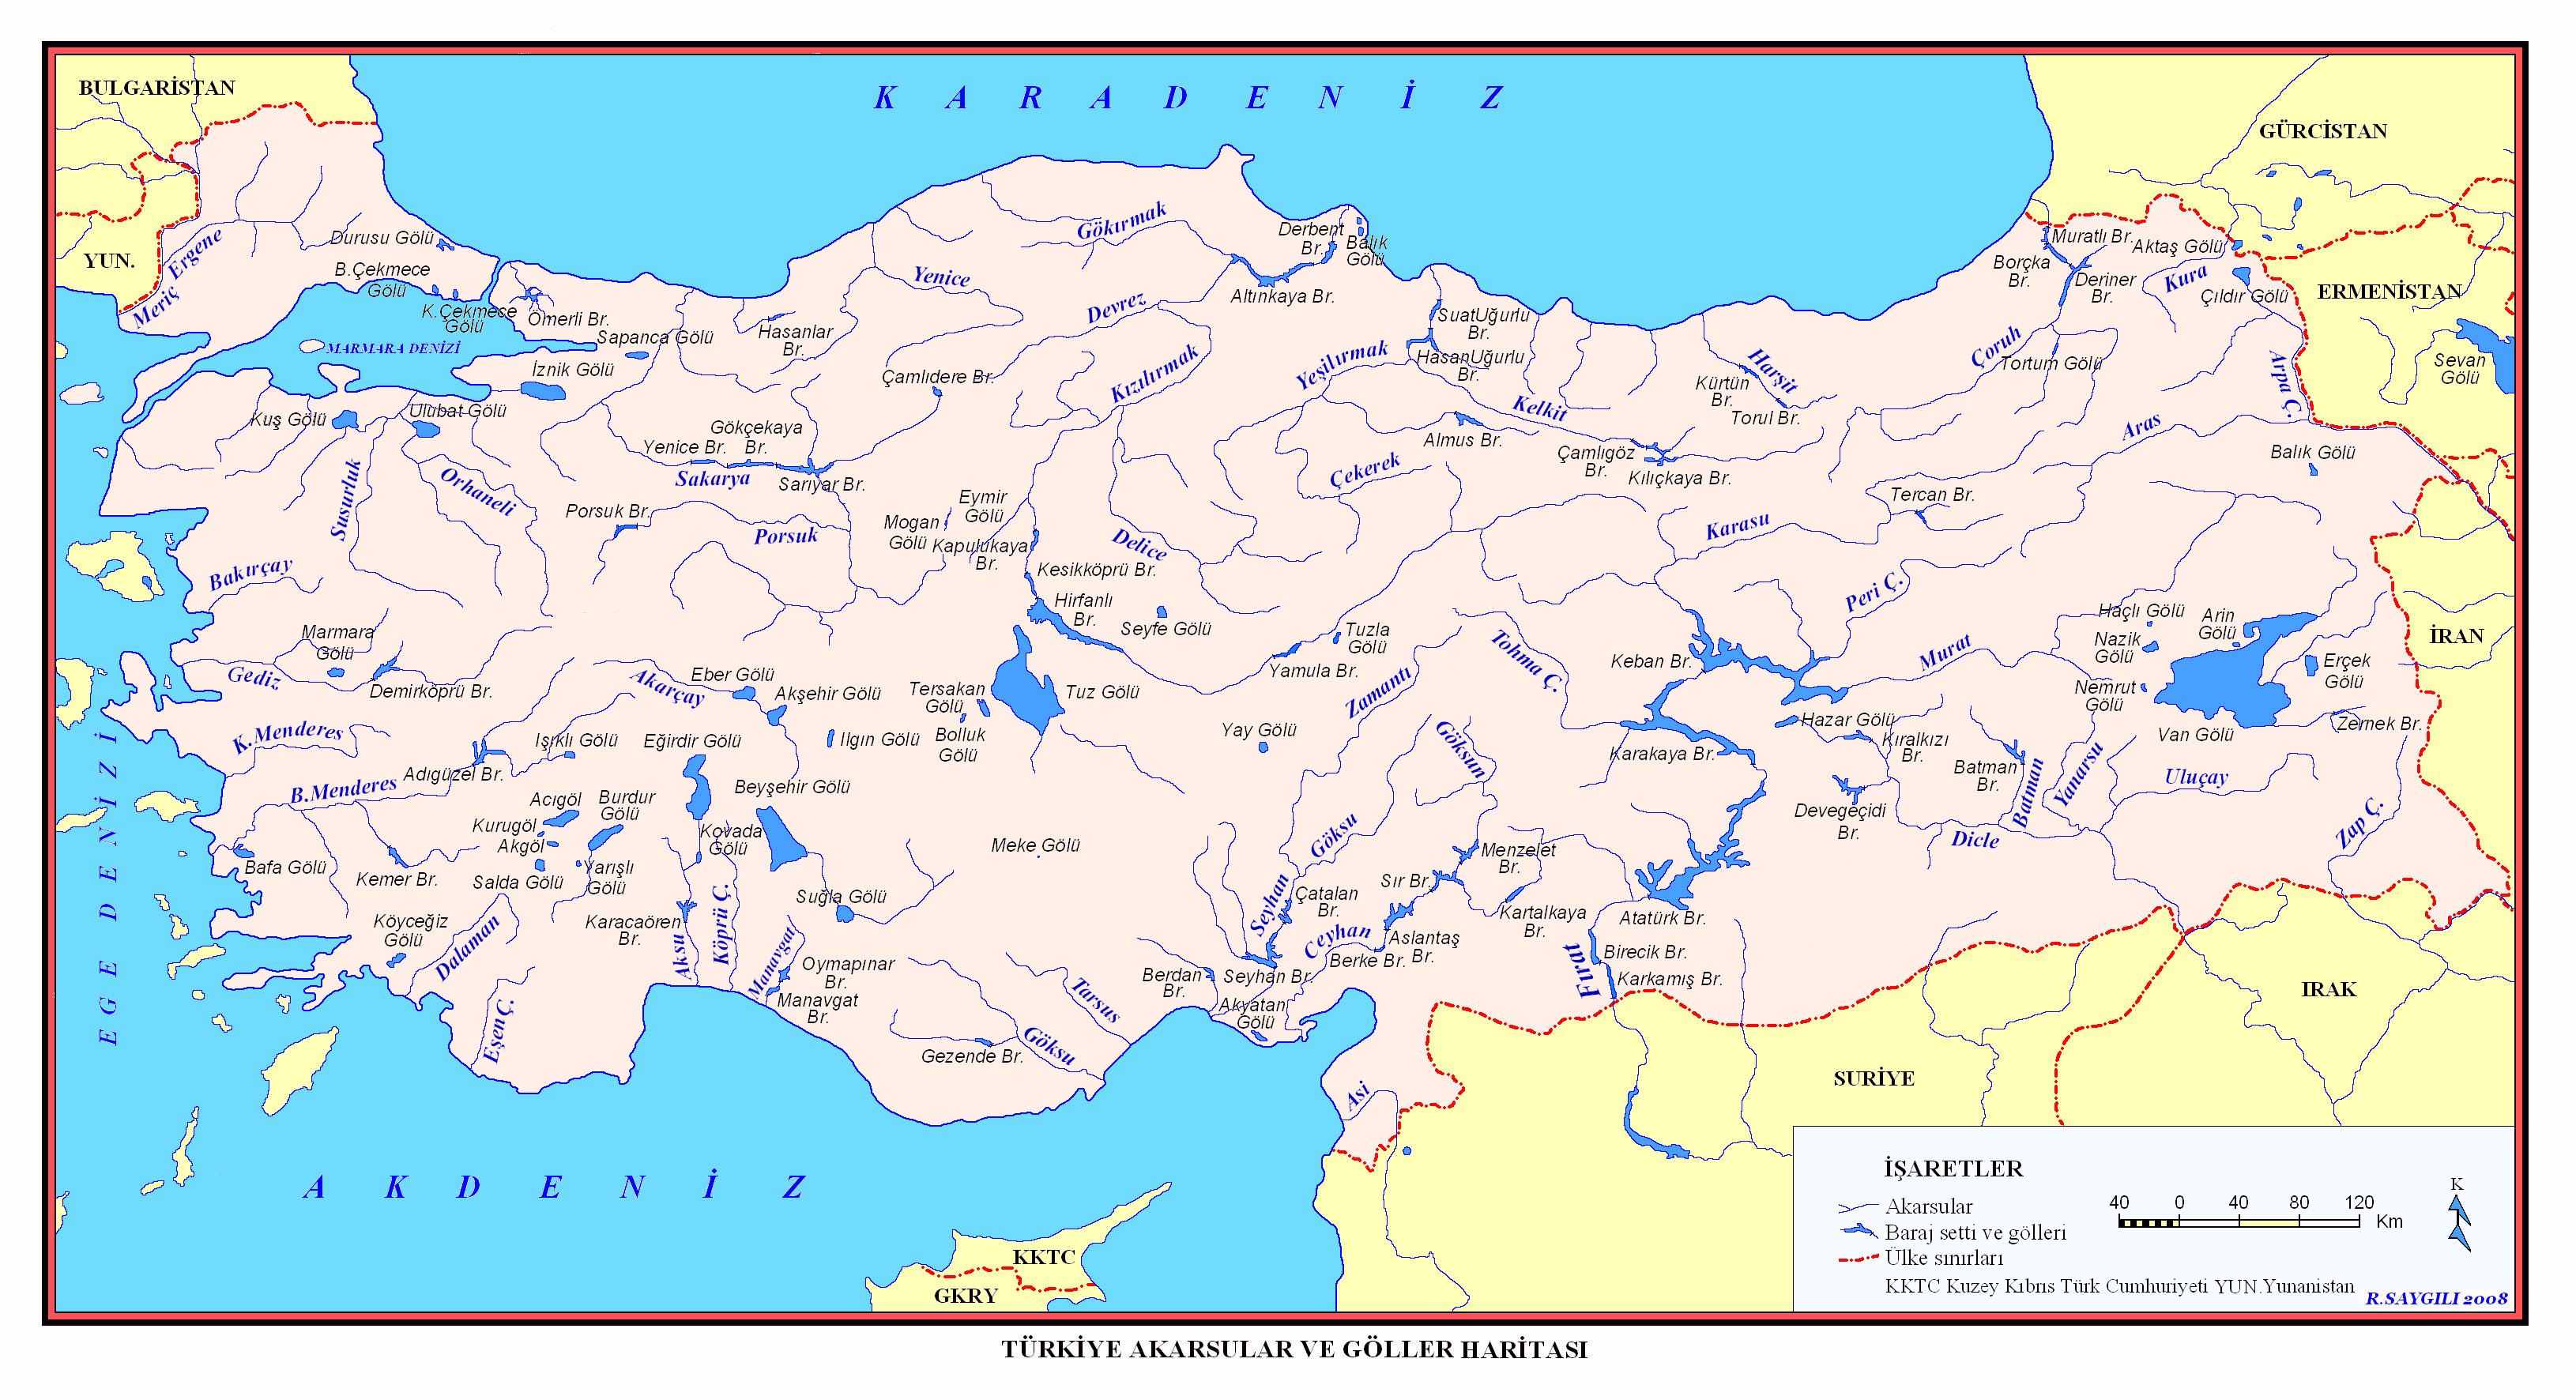 Türkiye'deki Göllerin, Akarsuların ve Nehirlerin Haritası